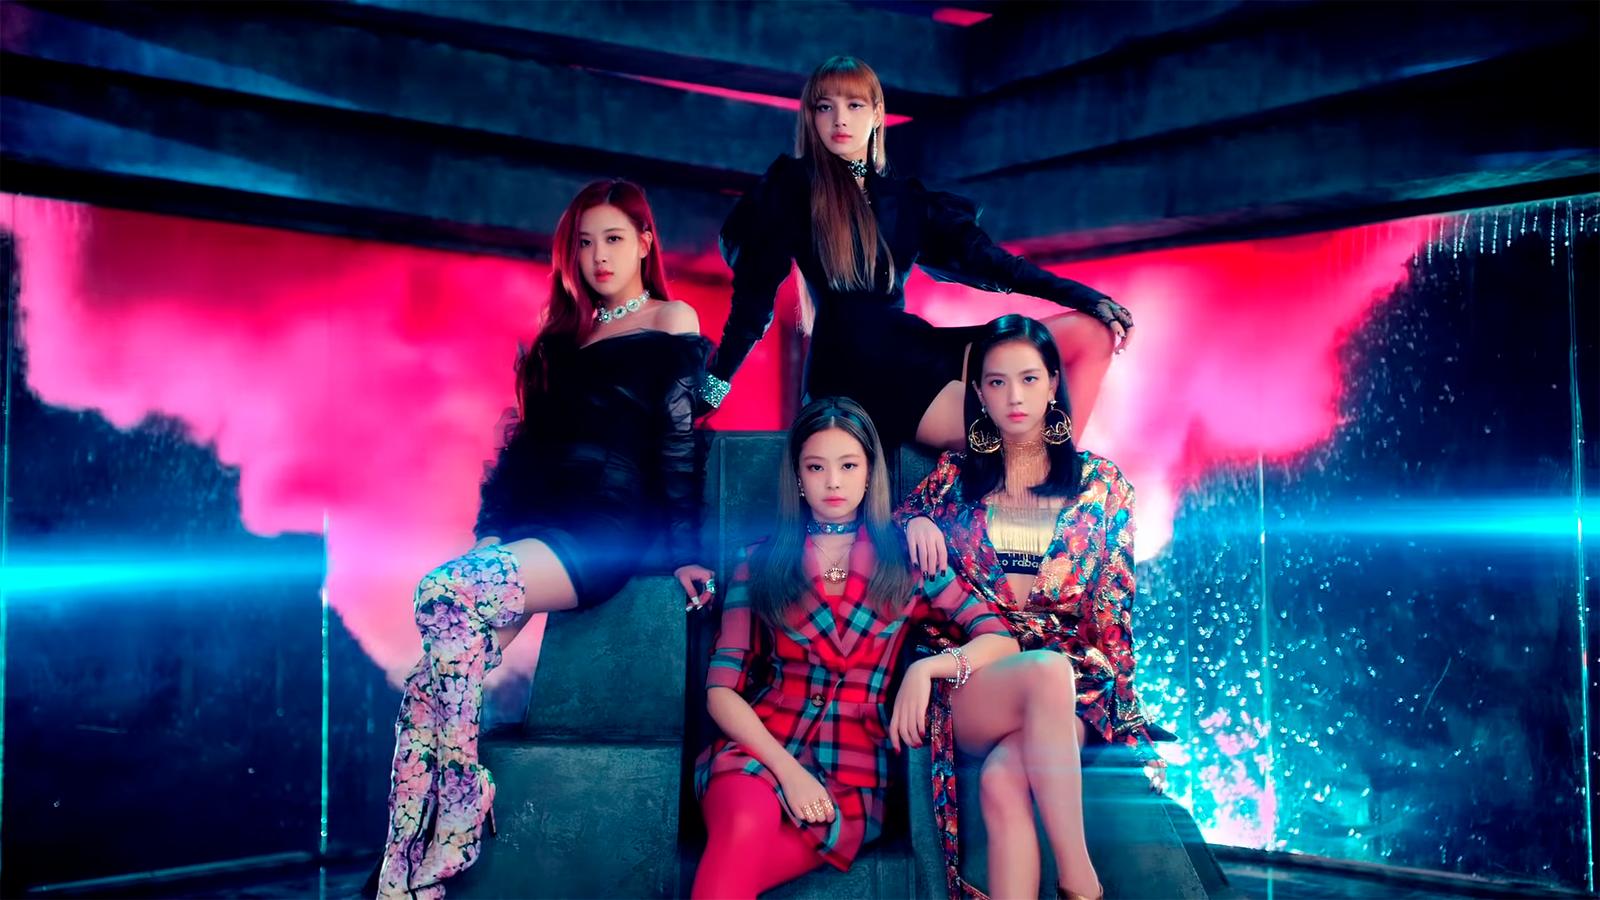 Grupo sul-coreano quebra a barreira do idioma e recordes a cada novo lançamento.